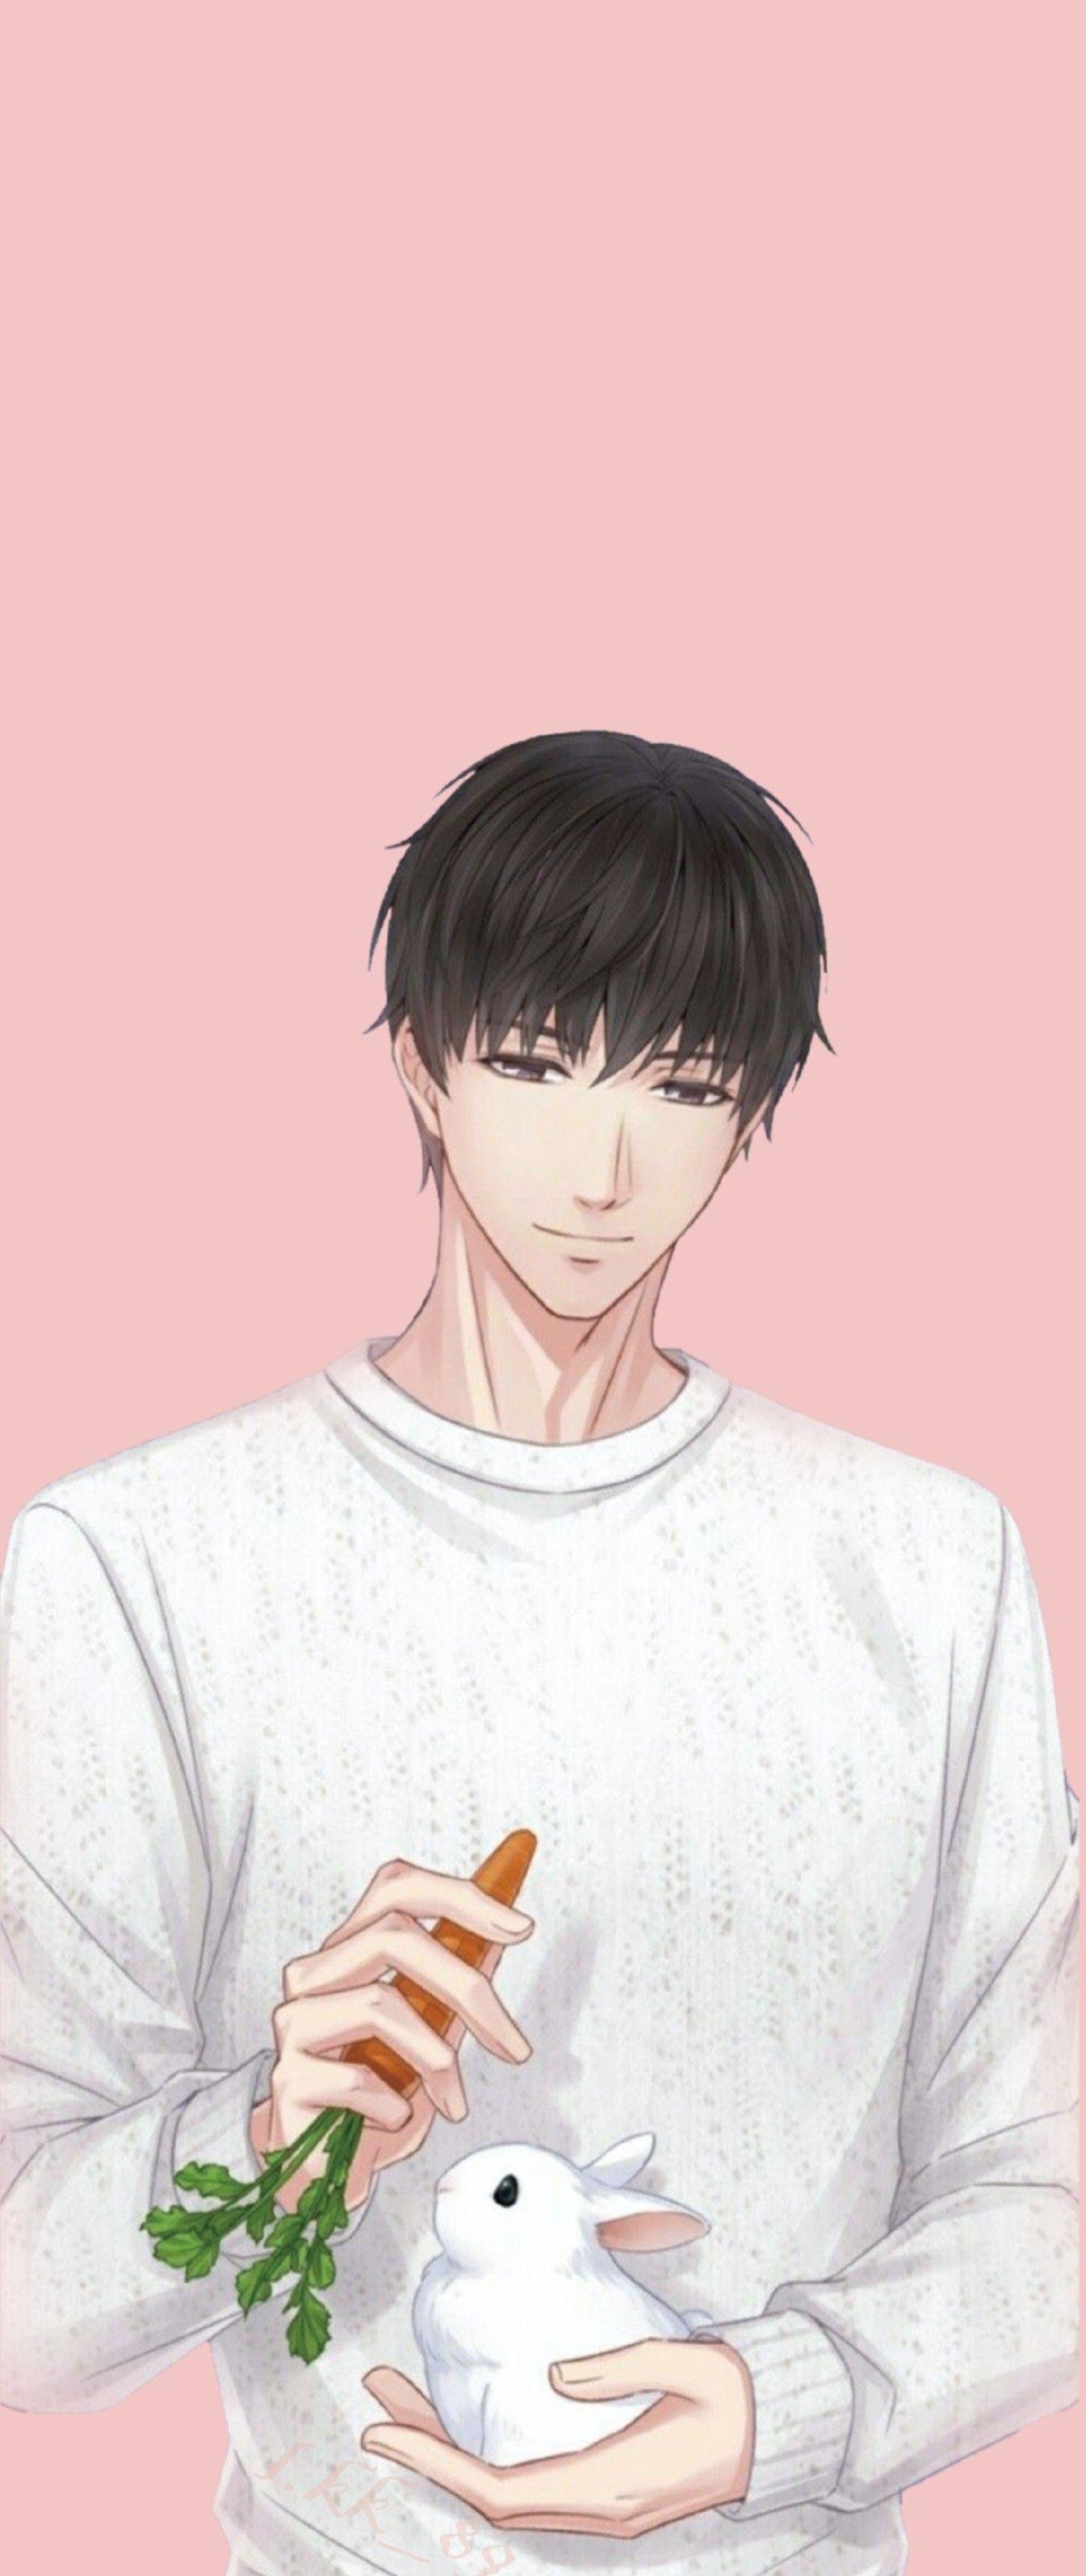 Lucien 🖤허묵🖤 シモン🖤 許墨 in 2020 Anime art, Anime, Anime art girl